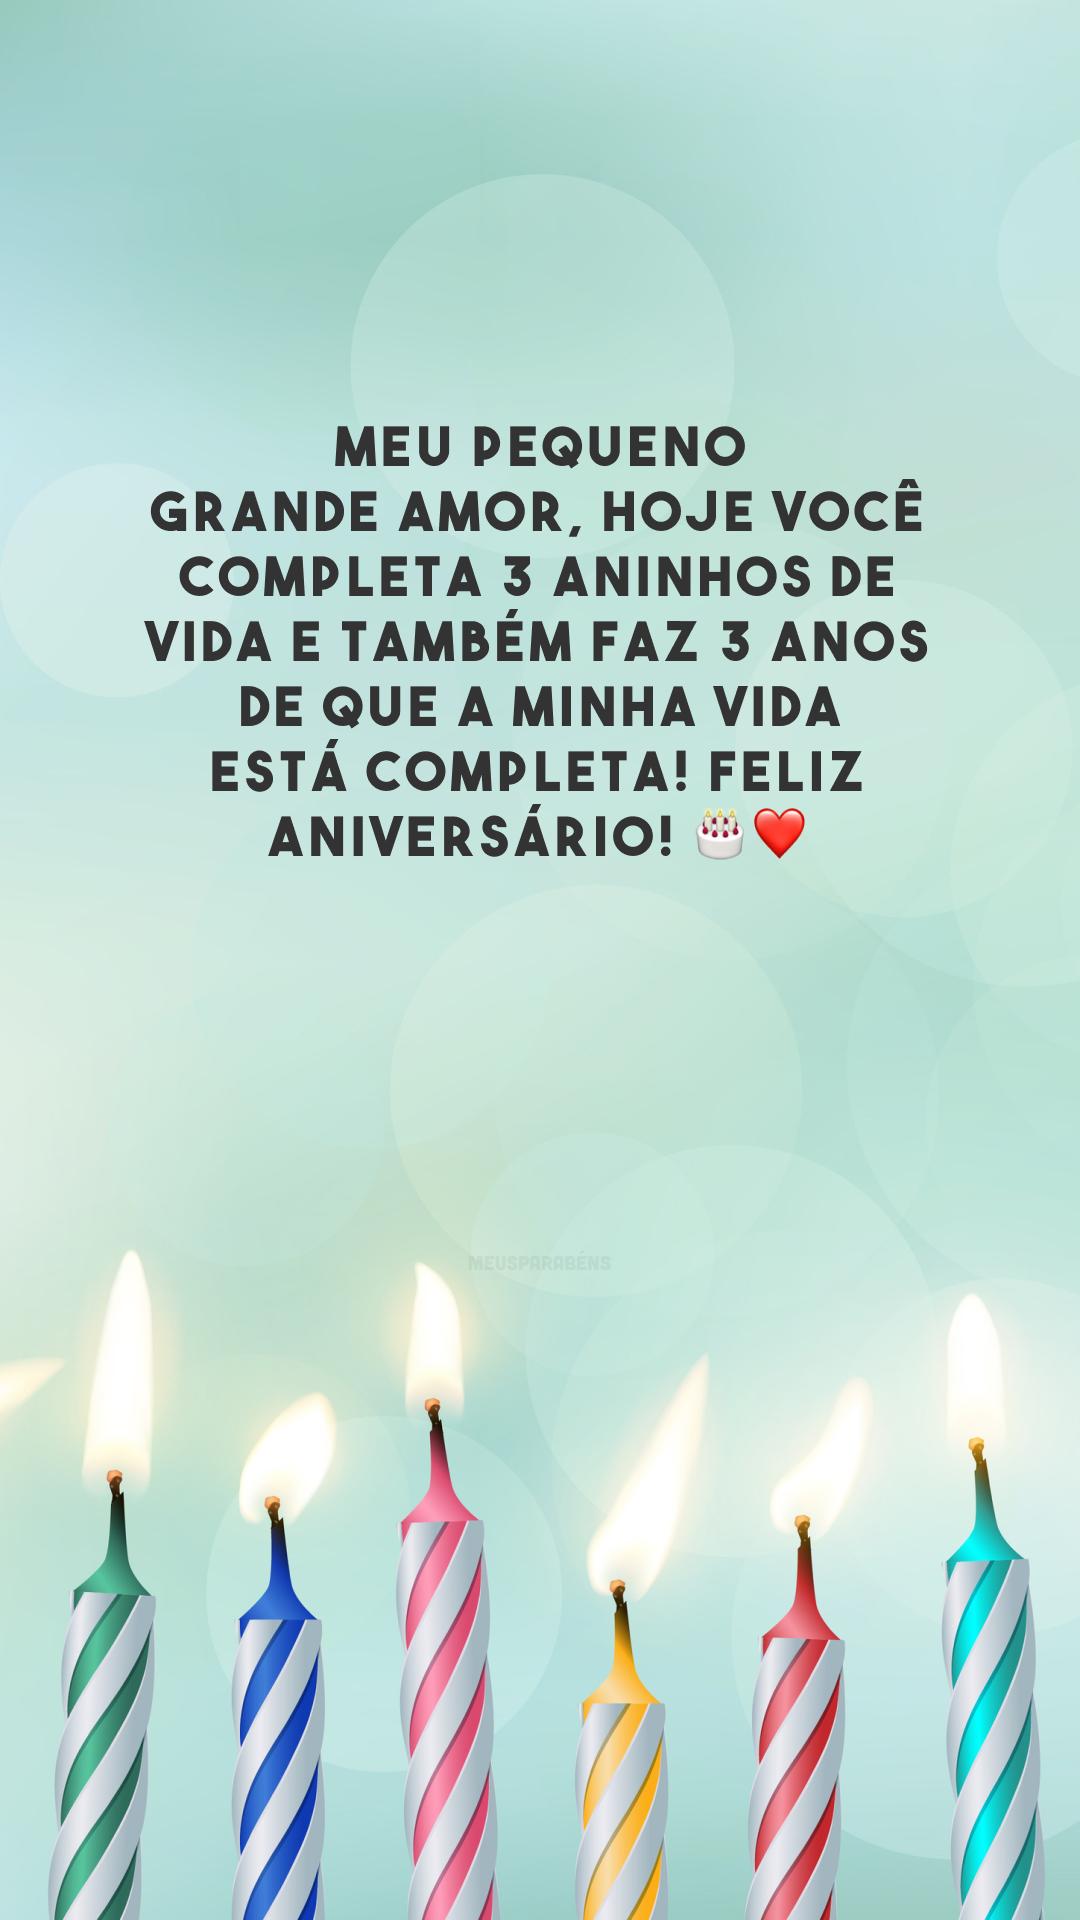 Meu pequeno grande amor, hoje você completa 3 aninhos de vida e também faz 3 anos de que a minha vida está completa! Feliz aniversário! 🎂❤️